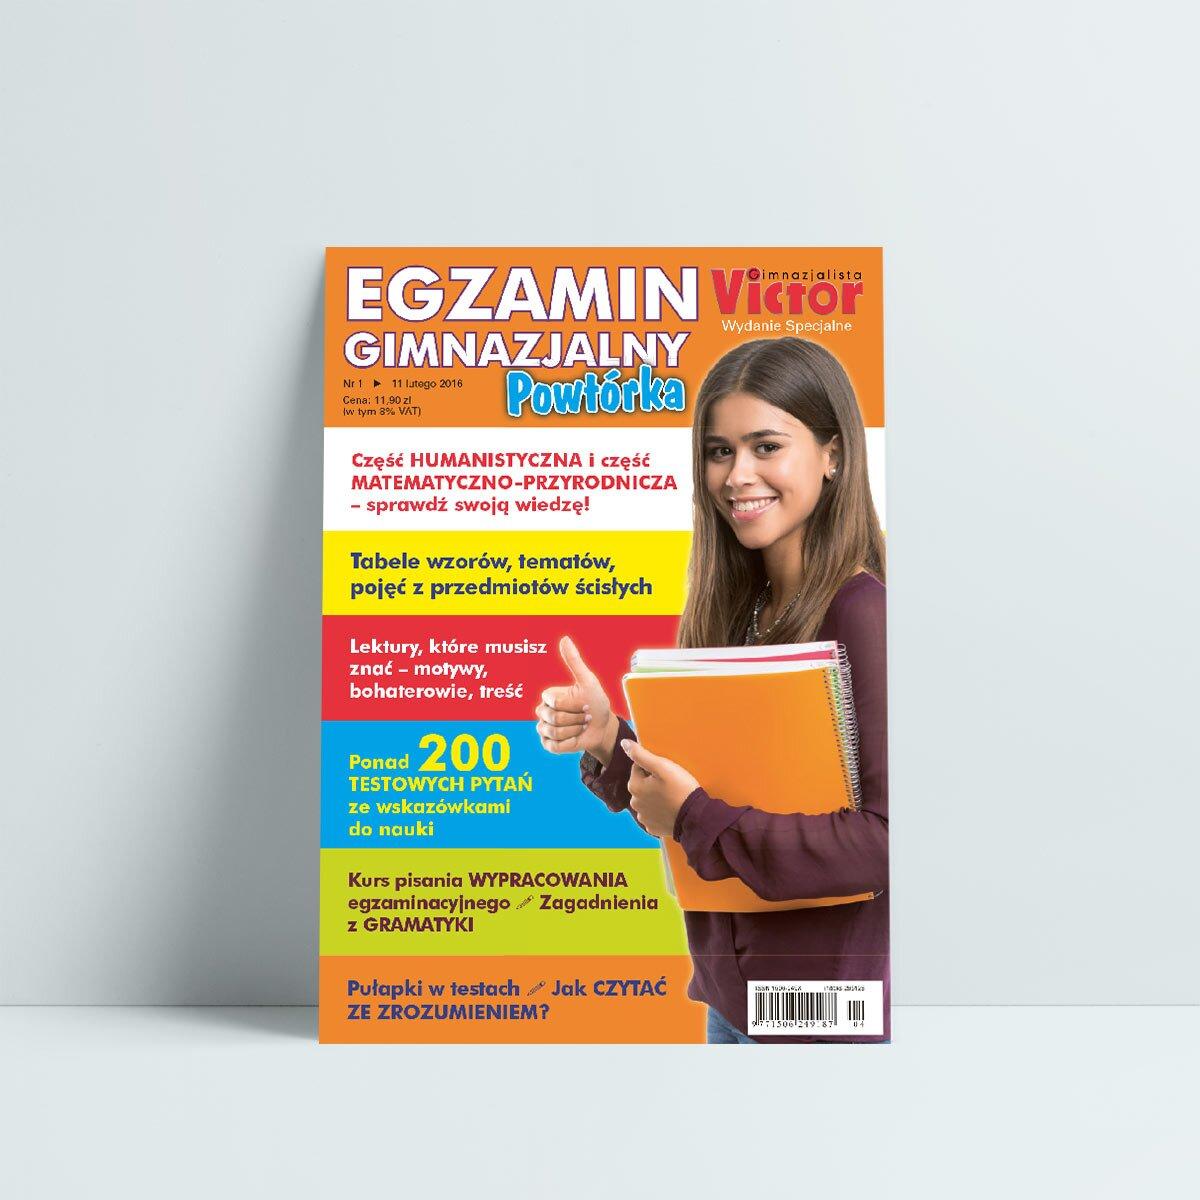 egzamin gimnazjalny 2016 cześć humanistyczna i matematyczno przyrodnicza